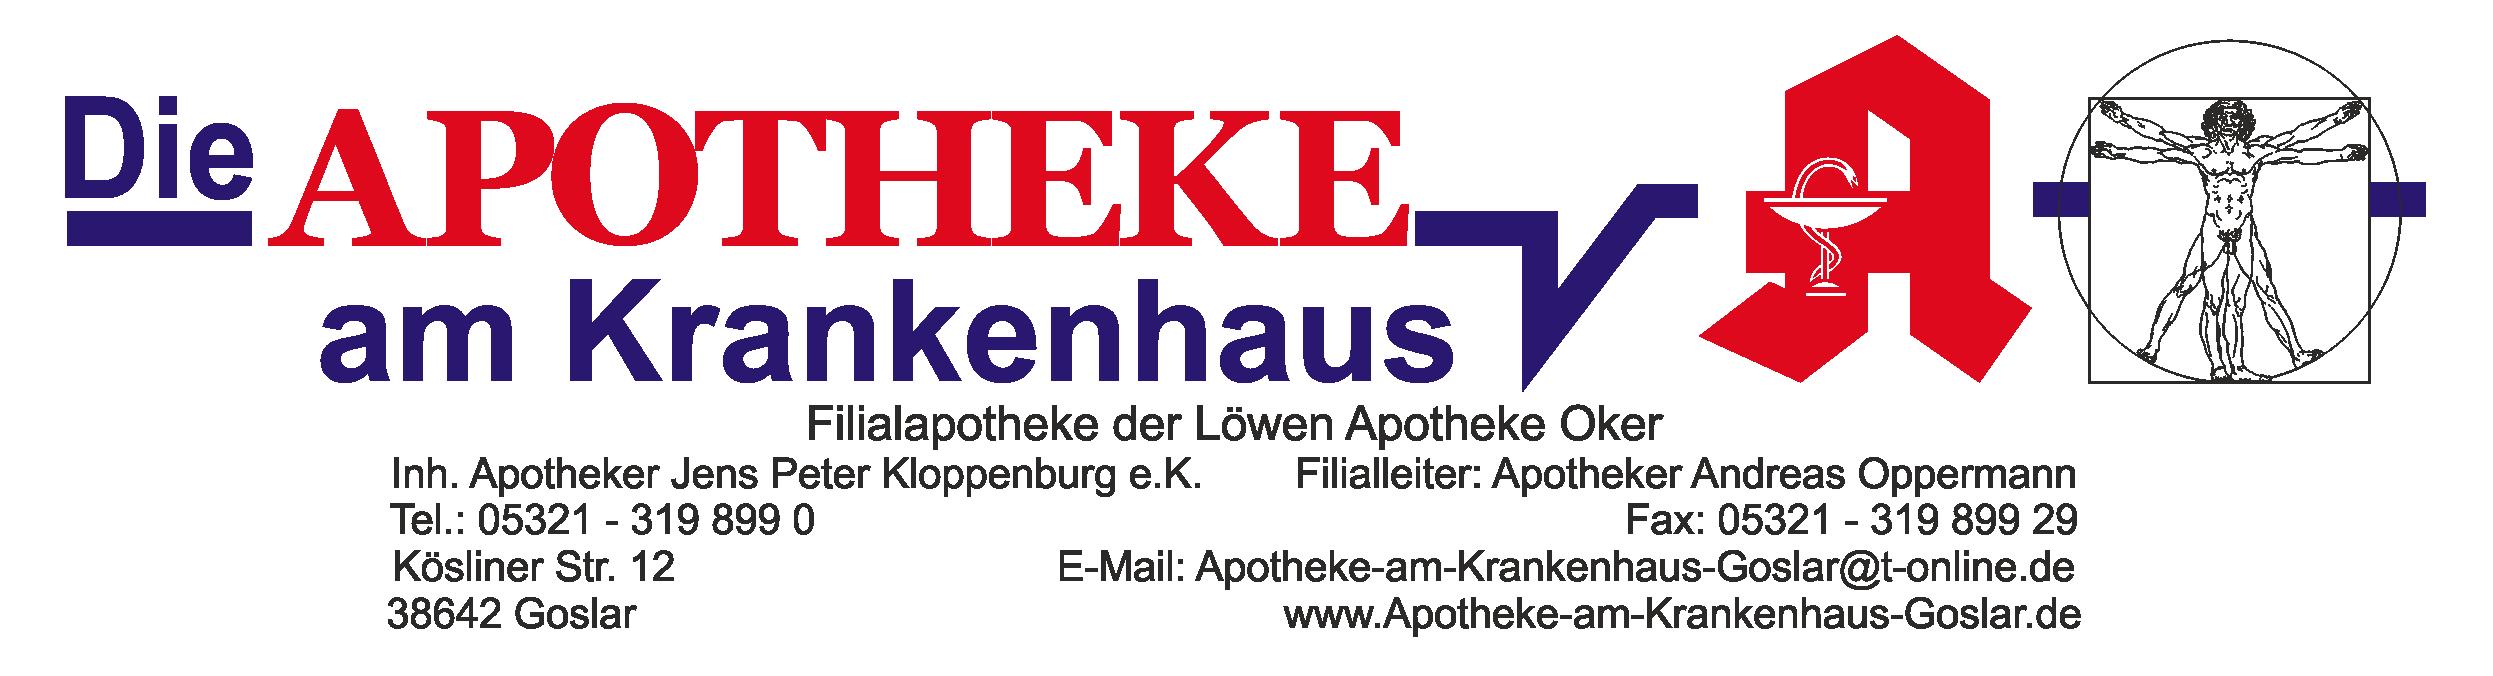 Logo der Apotheke am Krankenhaus -Zweigniederlassung der Löwen Apotheke Oker